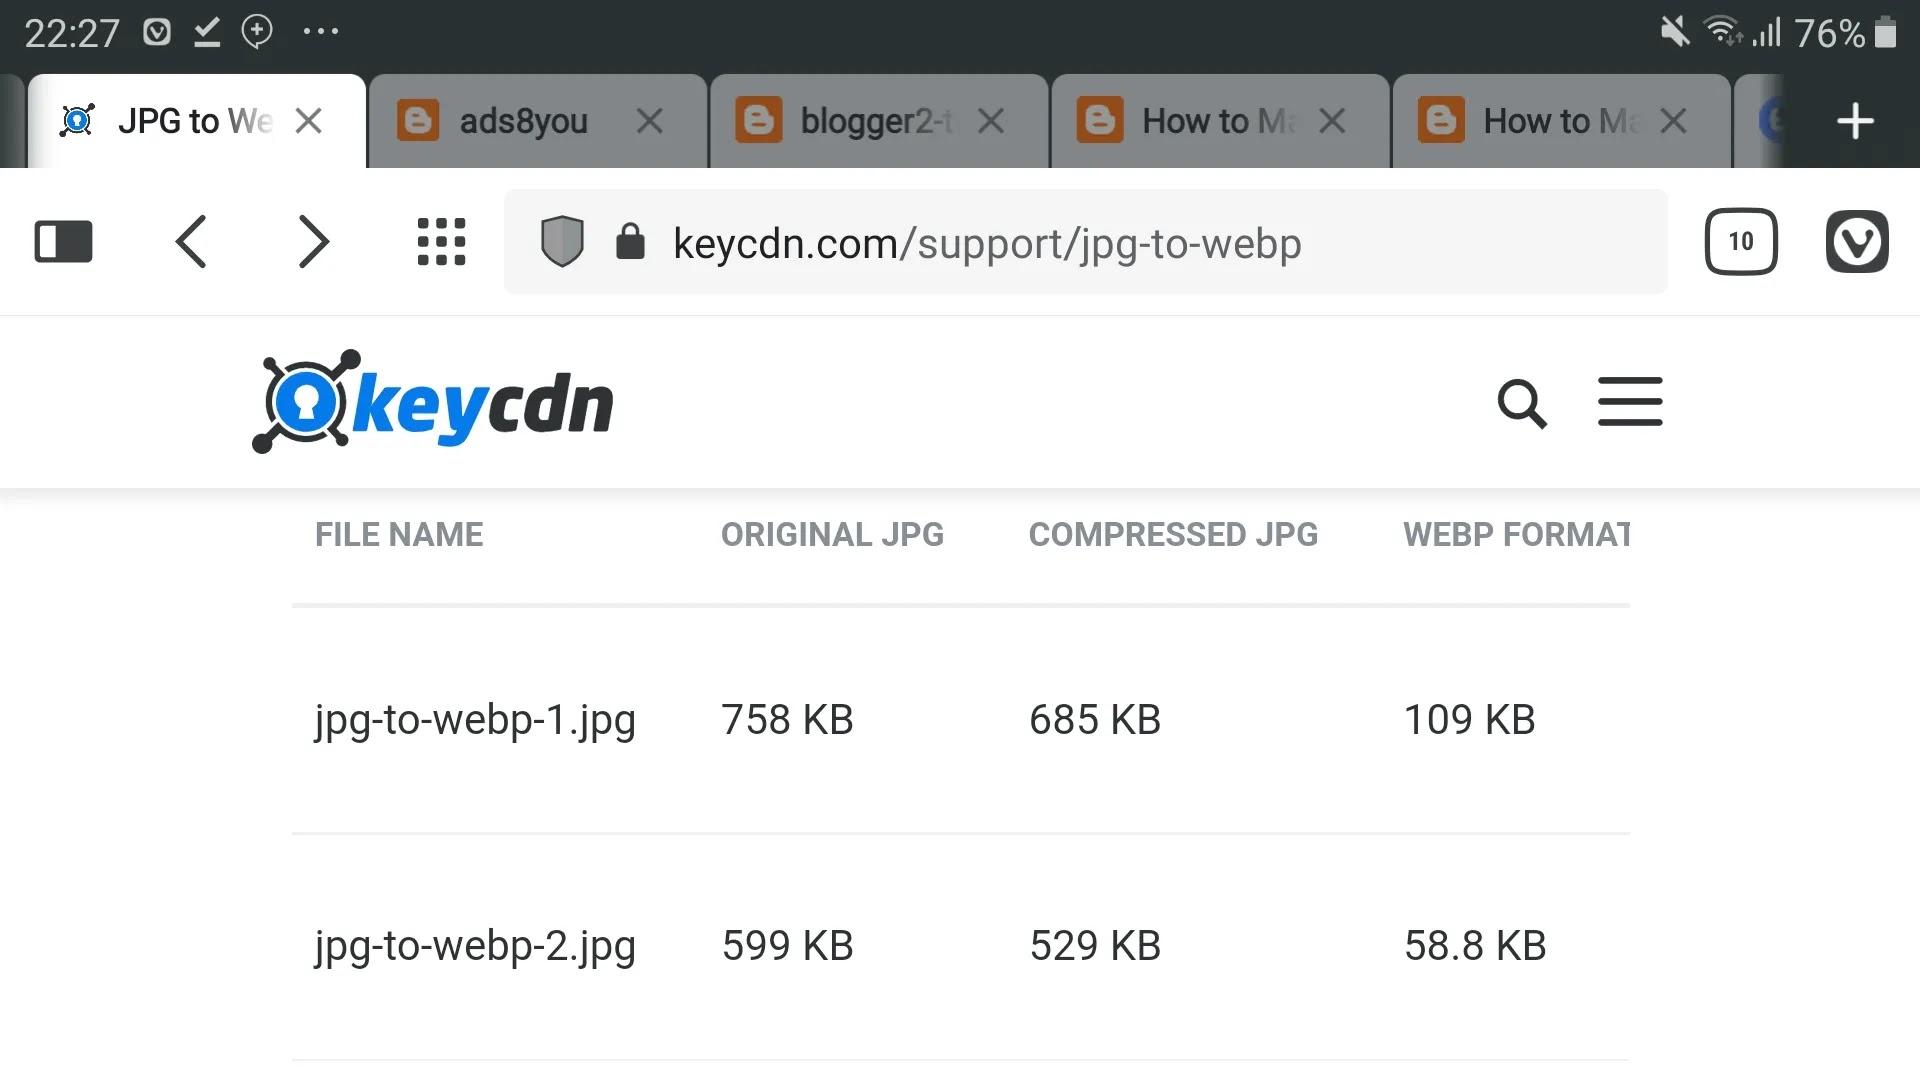 طريقة إنشاء أداة تحويل الصور الى تنسيق WebP Image على صفحة بلوجر